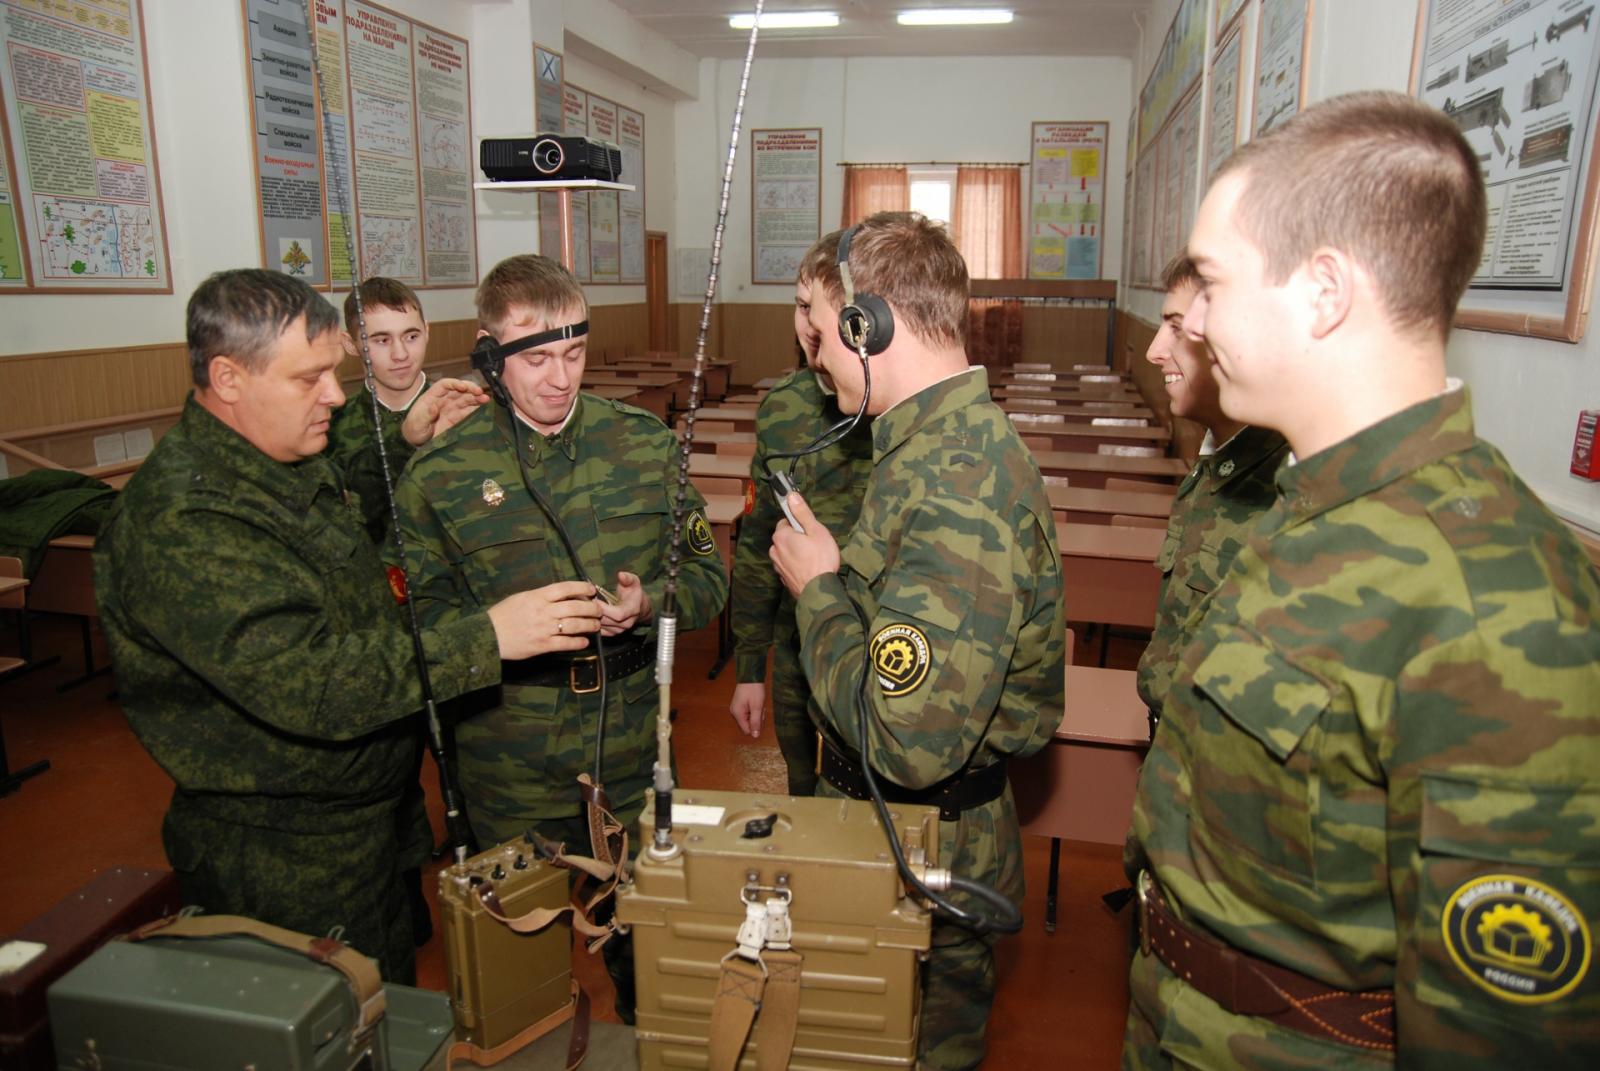 Обучаться на военной кафедре можно без отрыва от основного образования